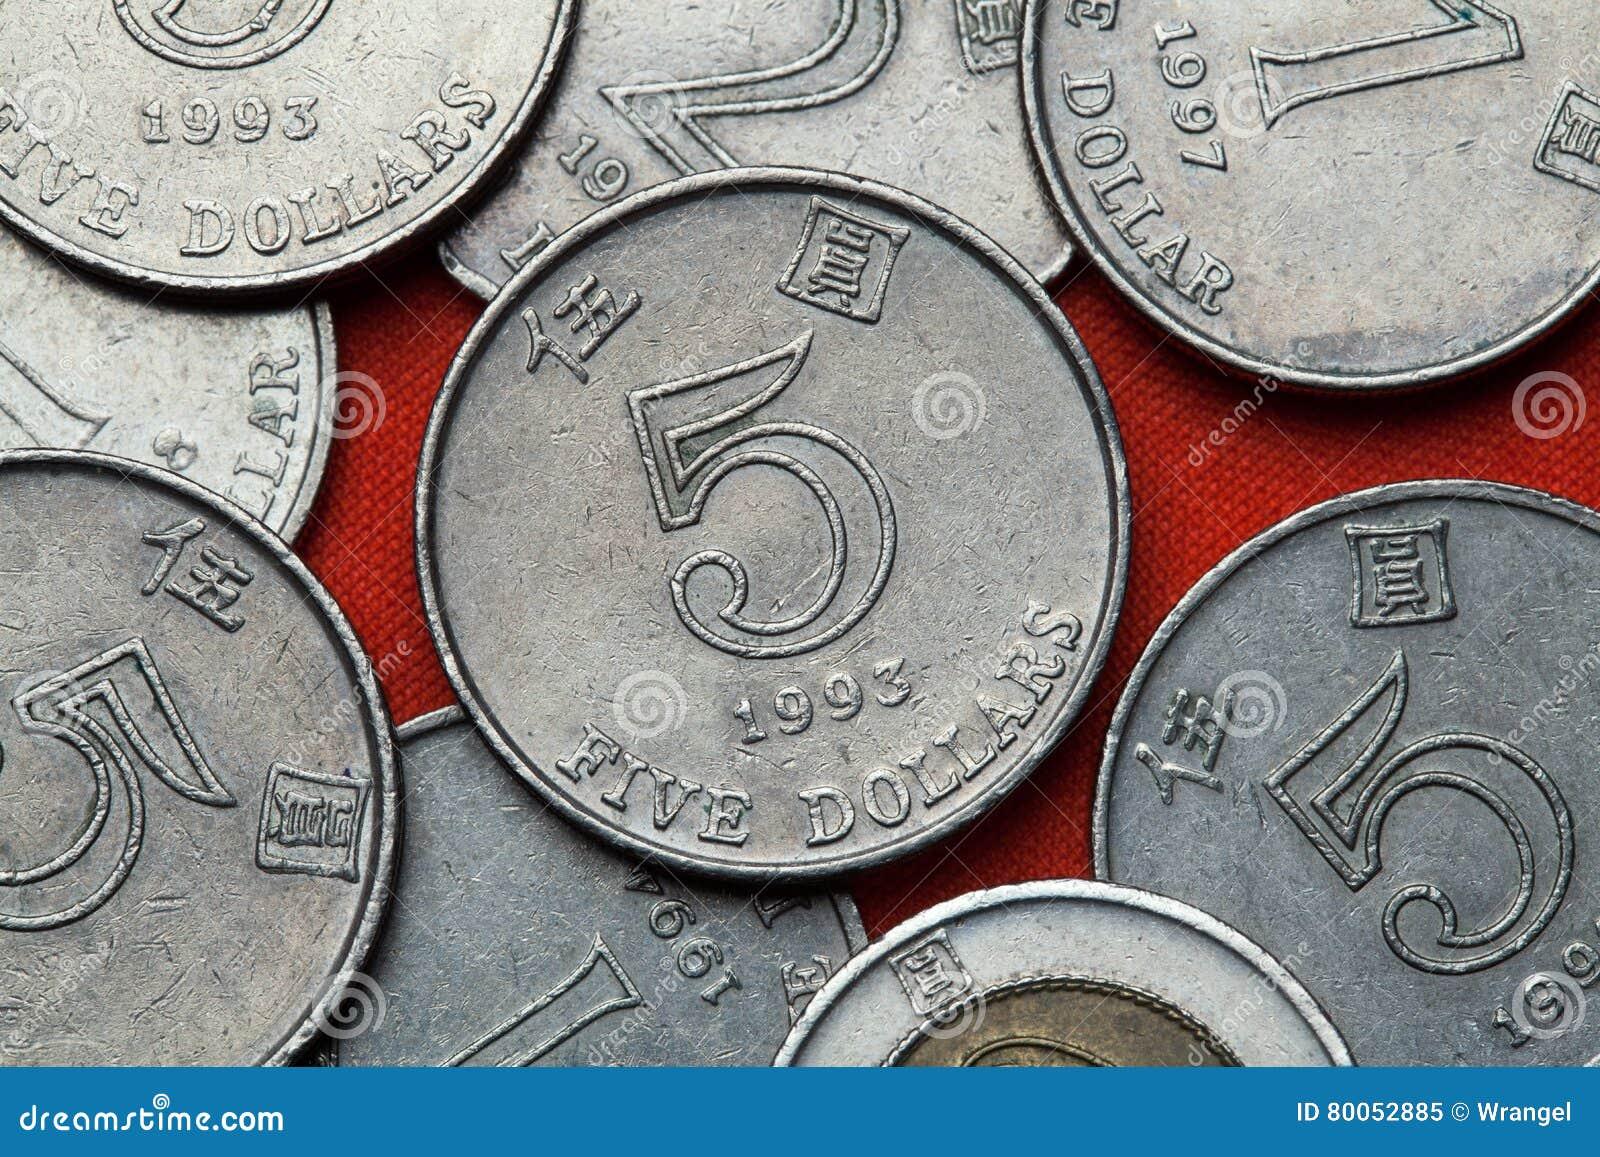 Münzen Von Hong Kong Stockbild Bild Von Bargeld Prägung 80052885